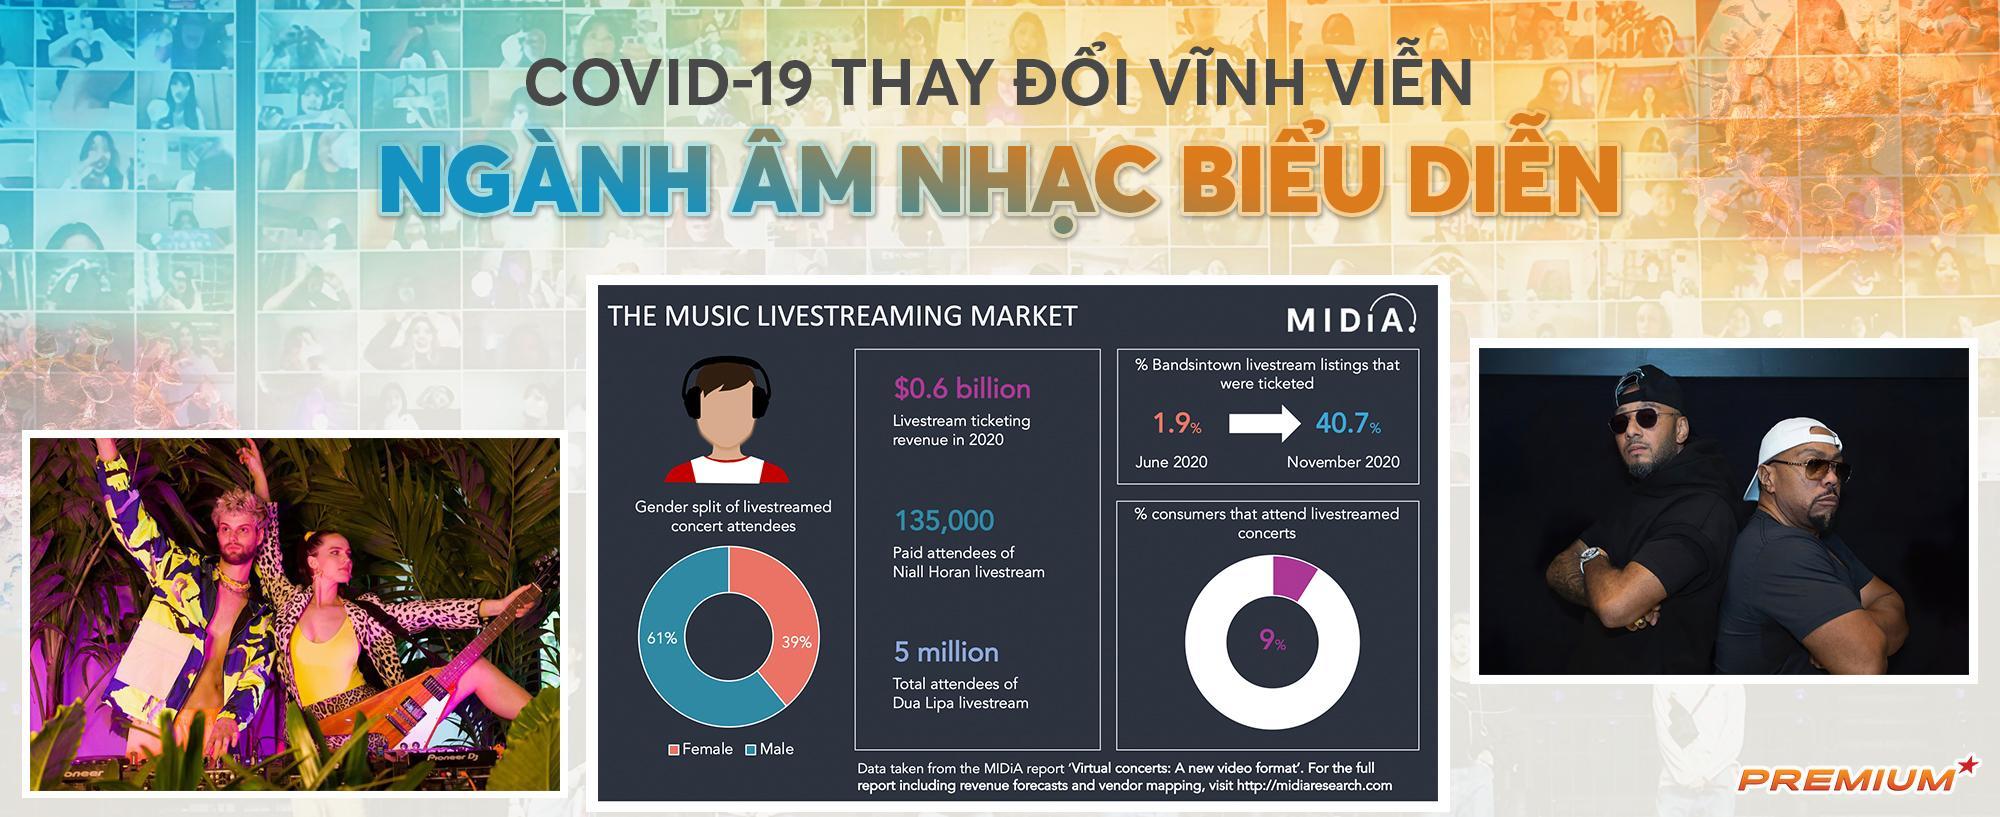 Covid-19 thay đổi vĩnh viễn ngành âm nhạc biểu diễn